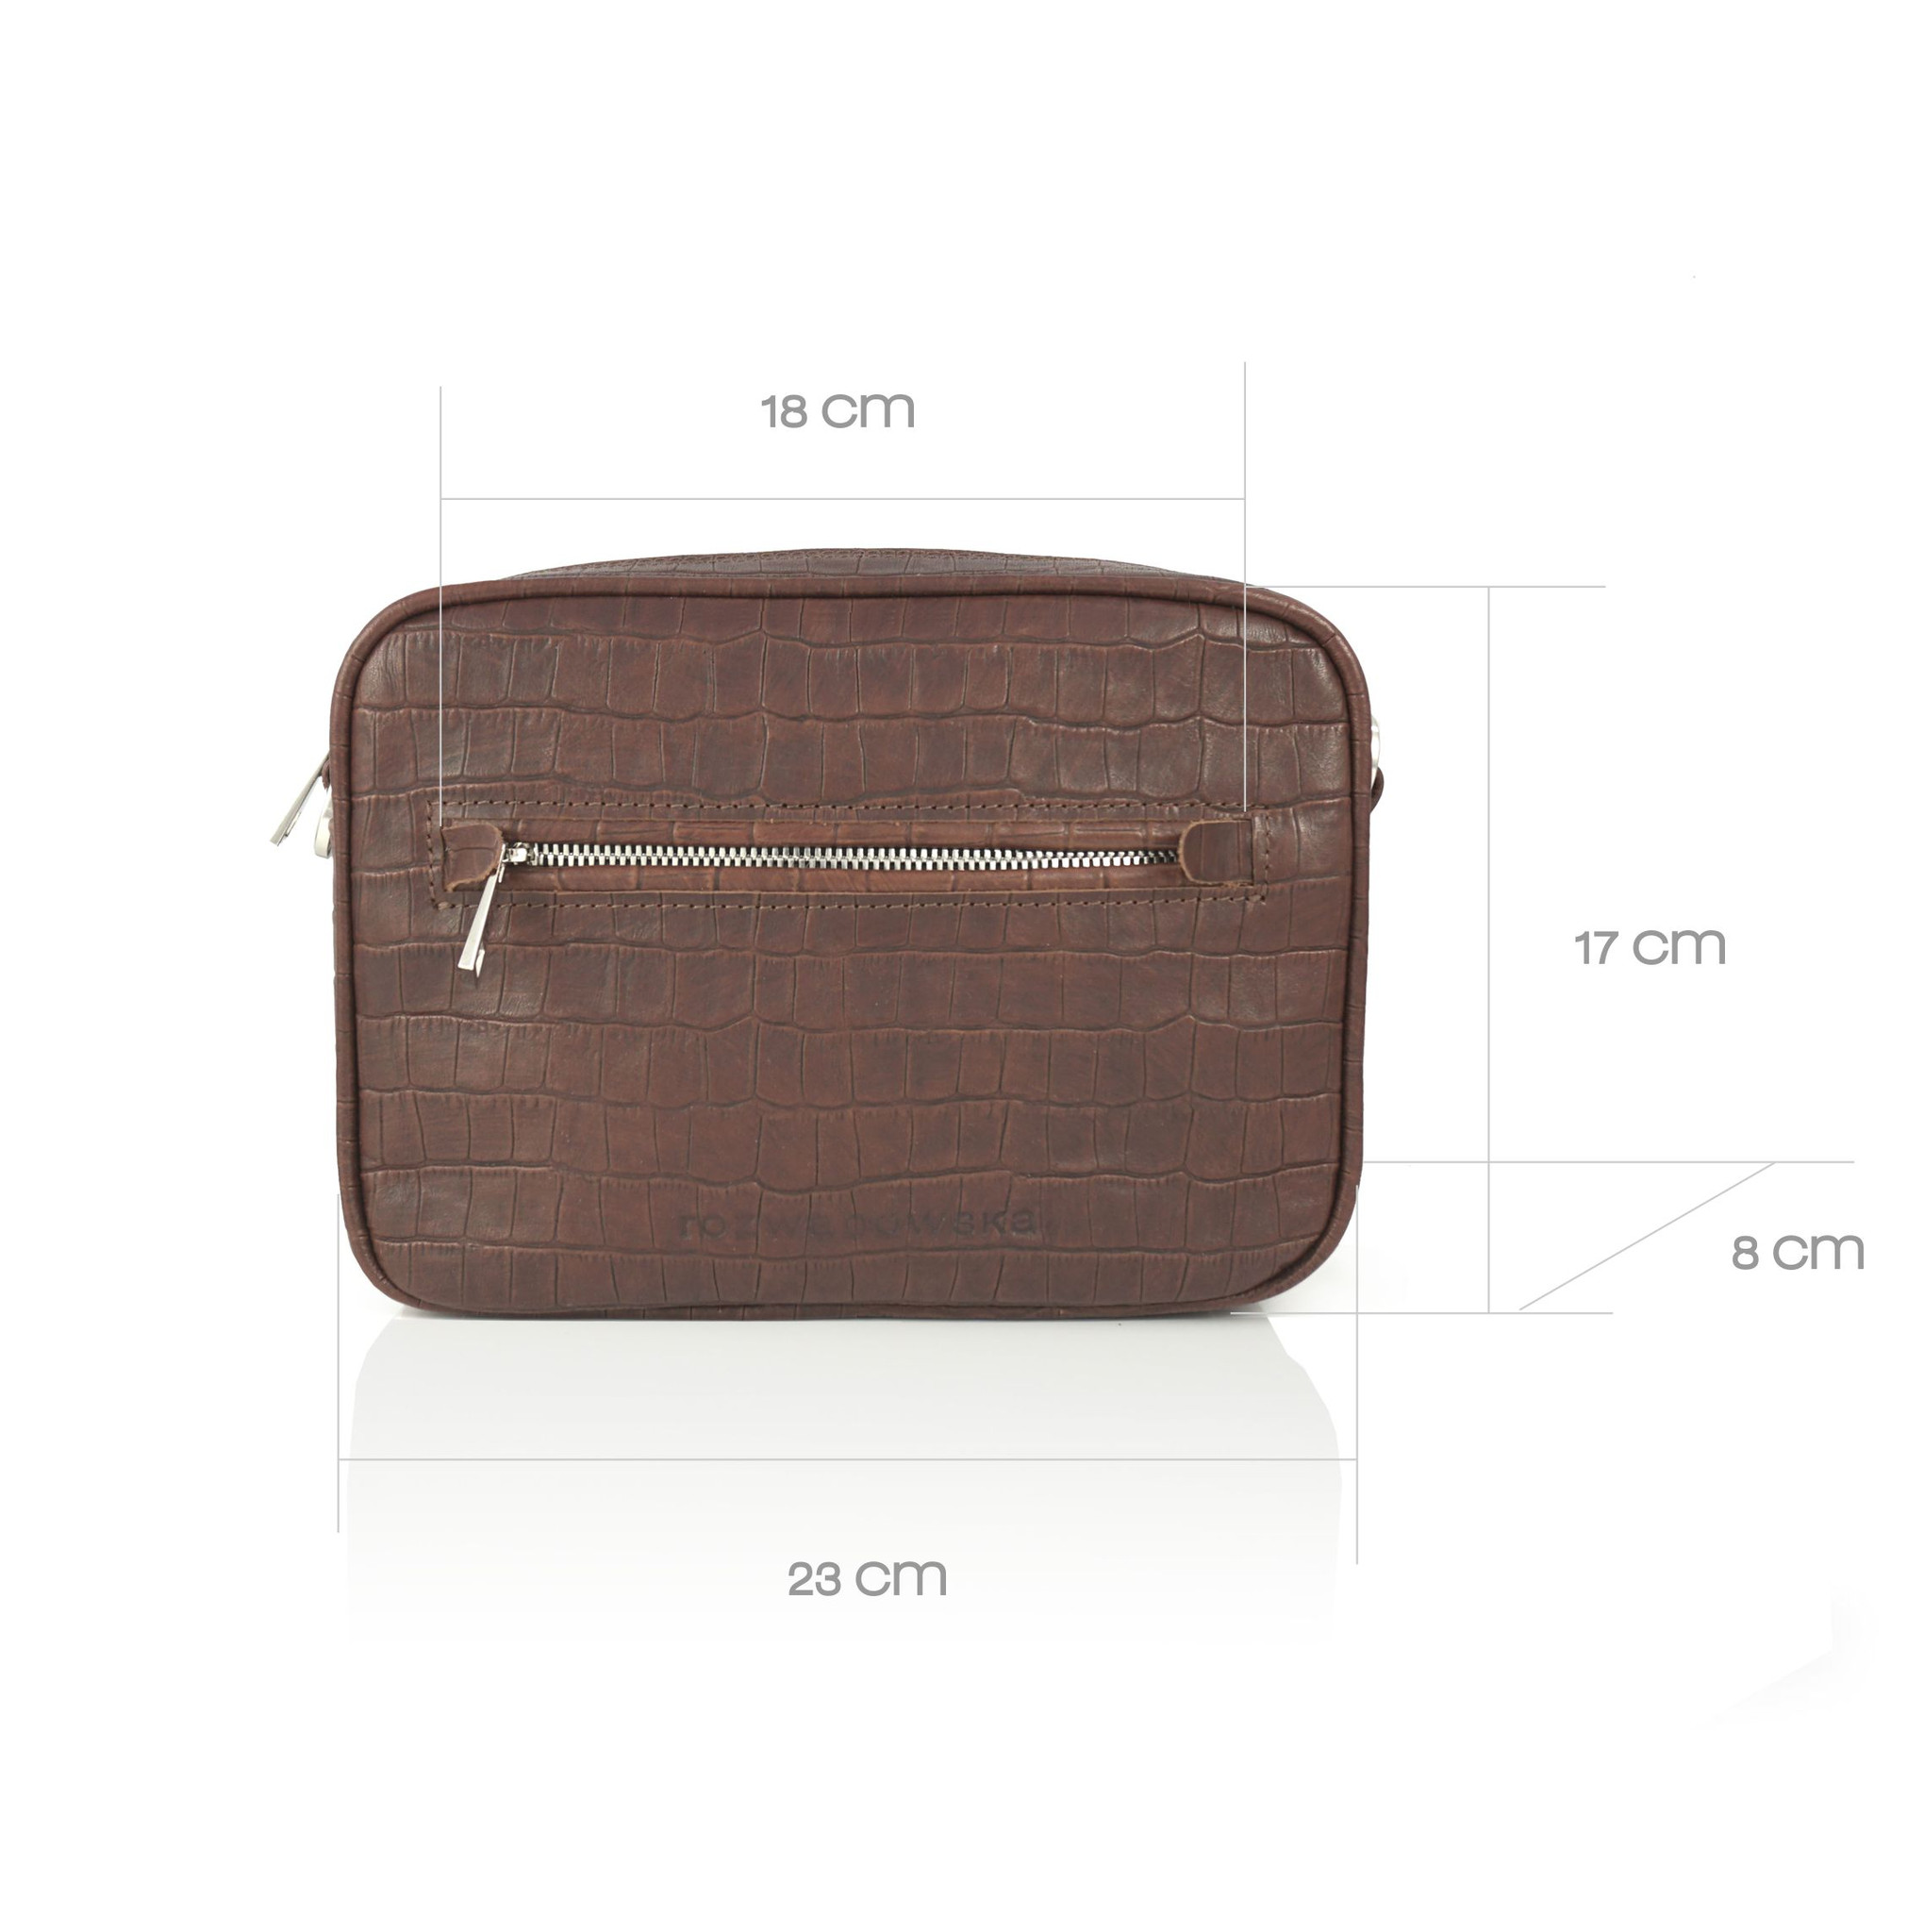 BOXY MIDI BORDO - torebka skórzana - torebka w kształcie pudełka - torebka na suwak - torebka na pasek - torebka w kolorze bakłażanu - Rozwadowska Bags   JestemSlow.pl